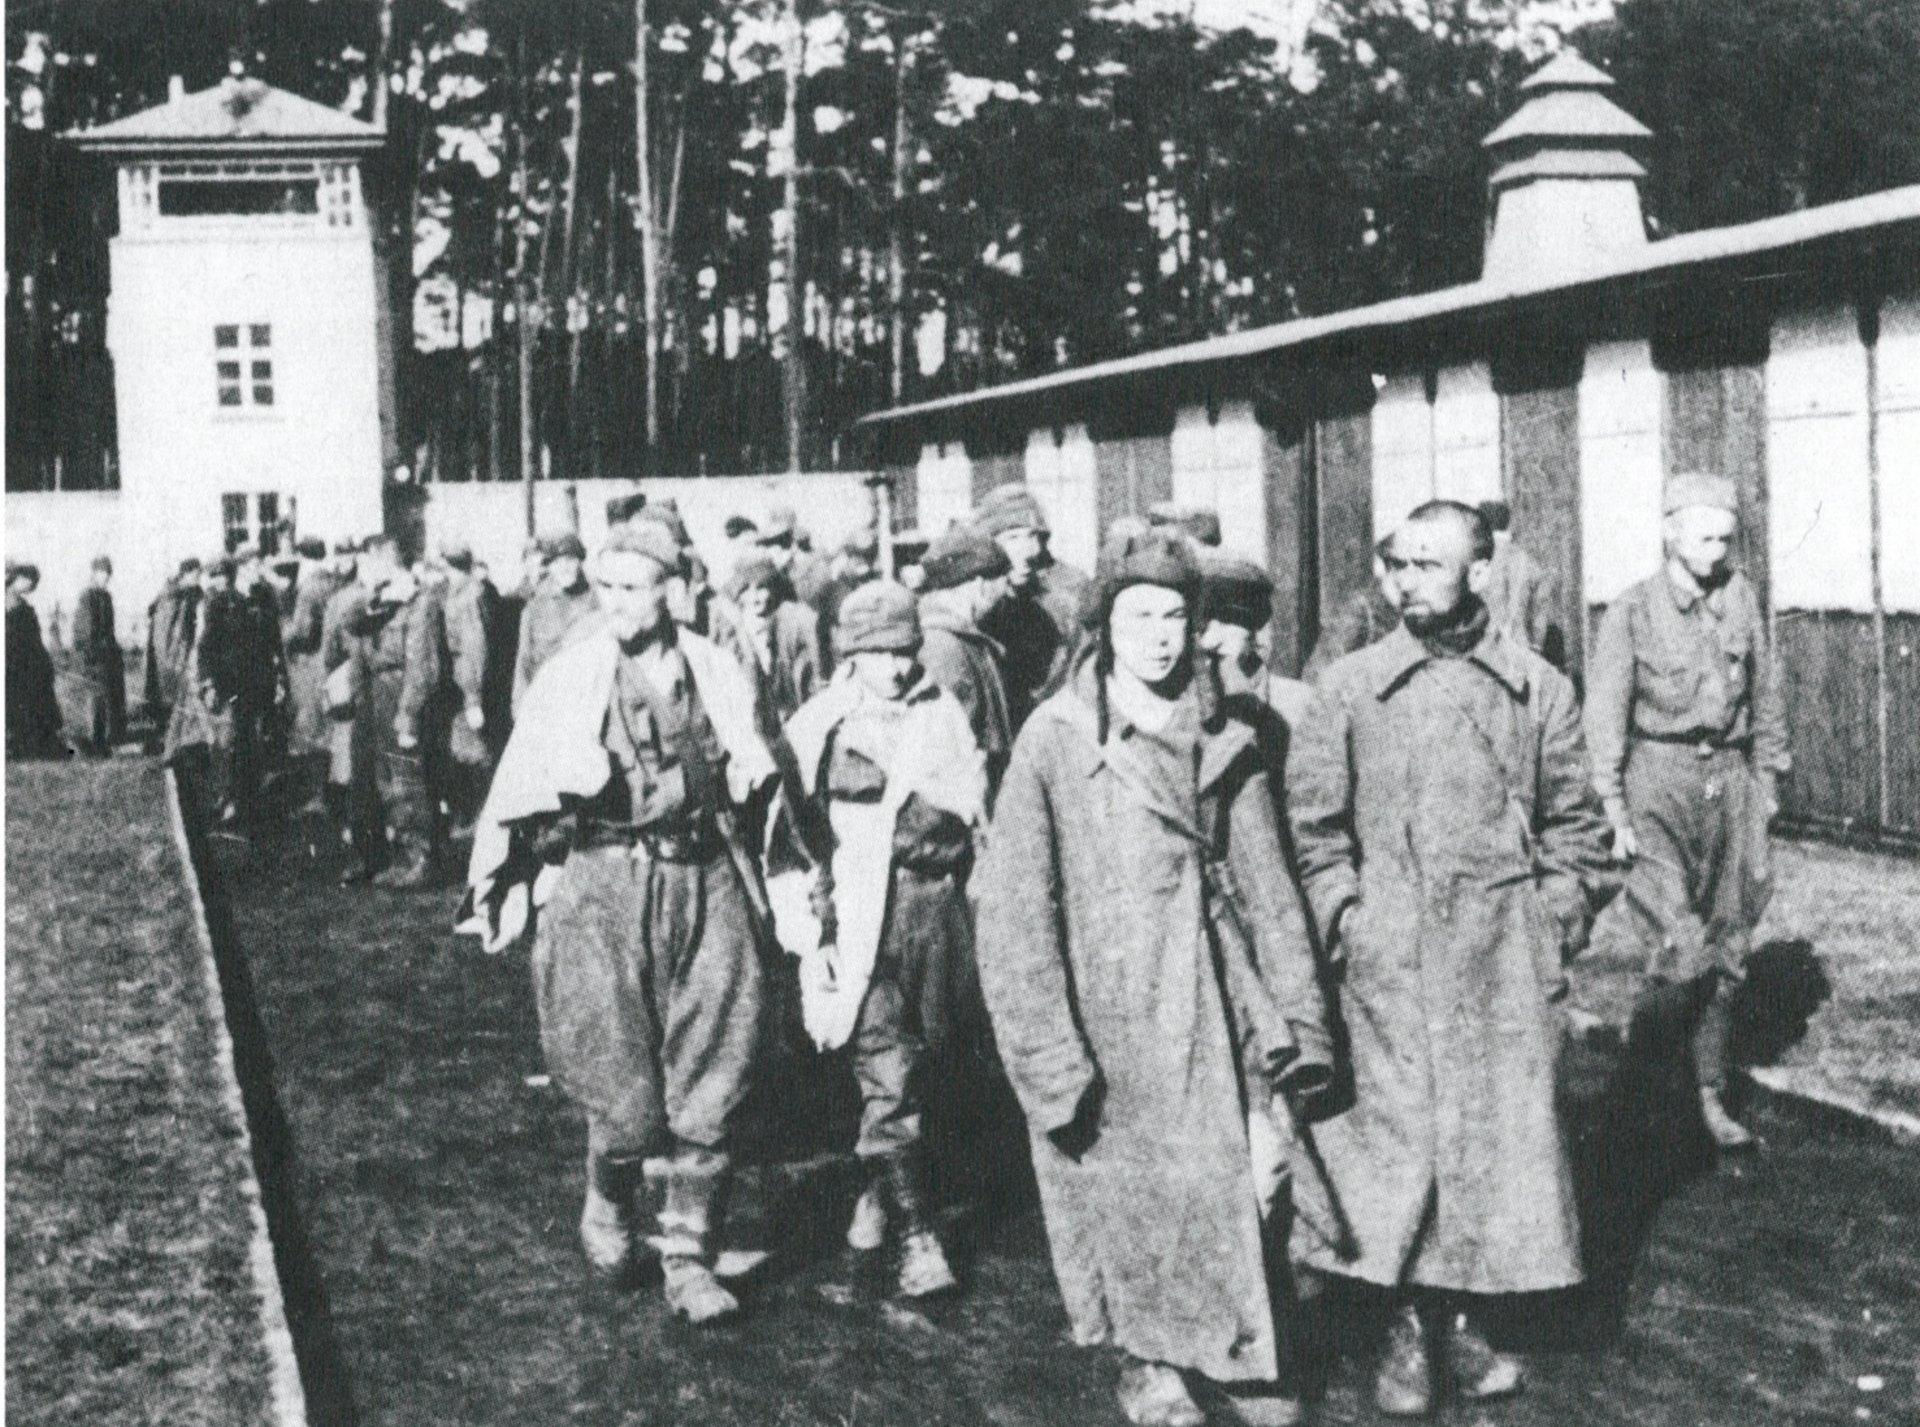 Fotografía propagandística de la llegada de un grupo de prisioneros de guerra soviéticos a Sachsenhausen en septiembre de 1941. En los meses siguientes, la SS ejecutó a unos cuarenta mil judíos en los campos de concentración.